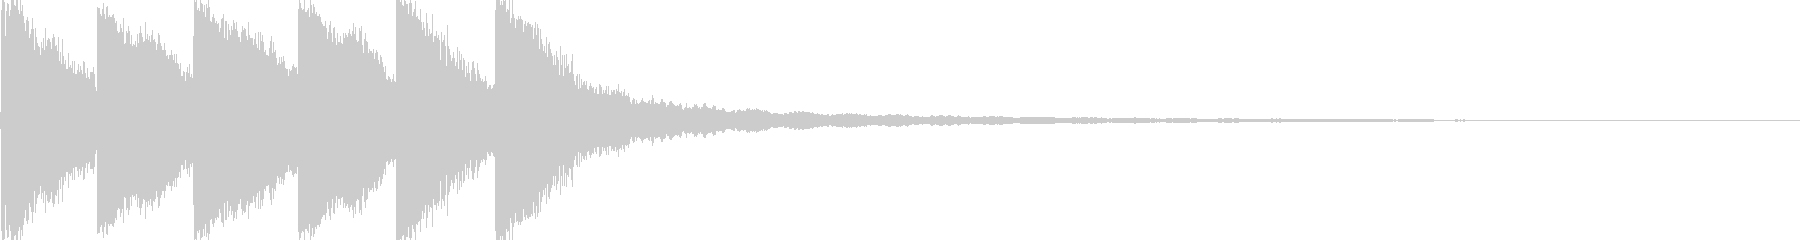 カンカンカンカーンの未再生の波形